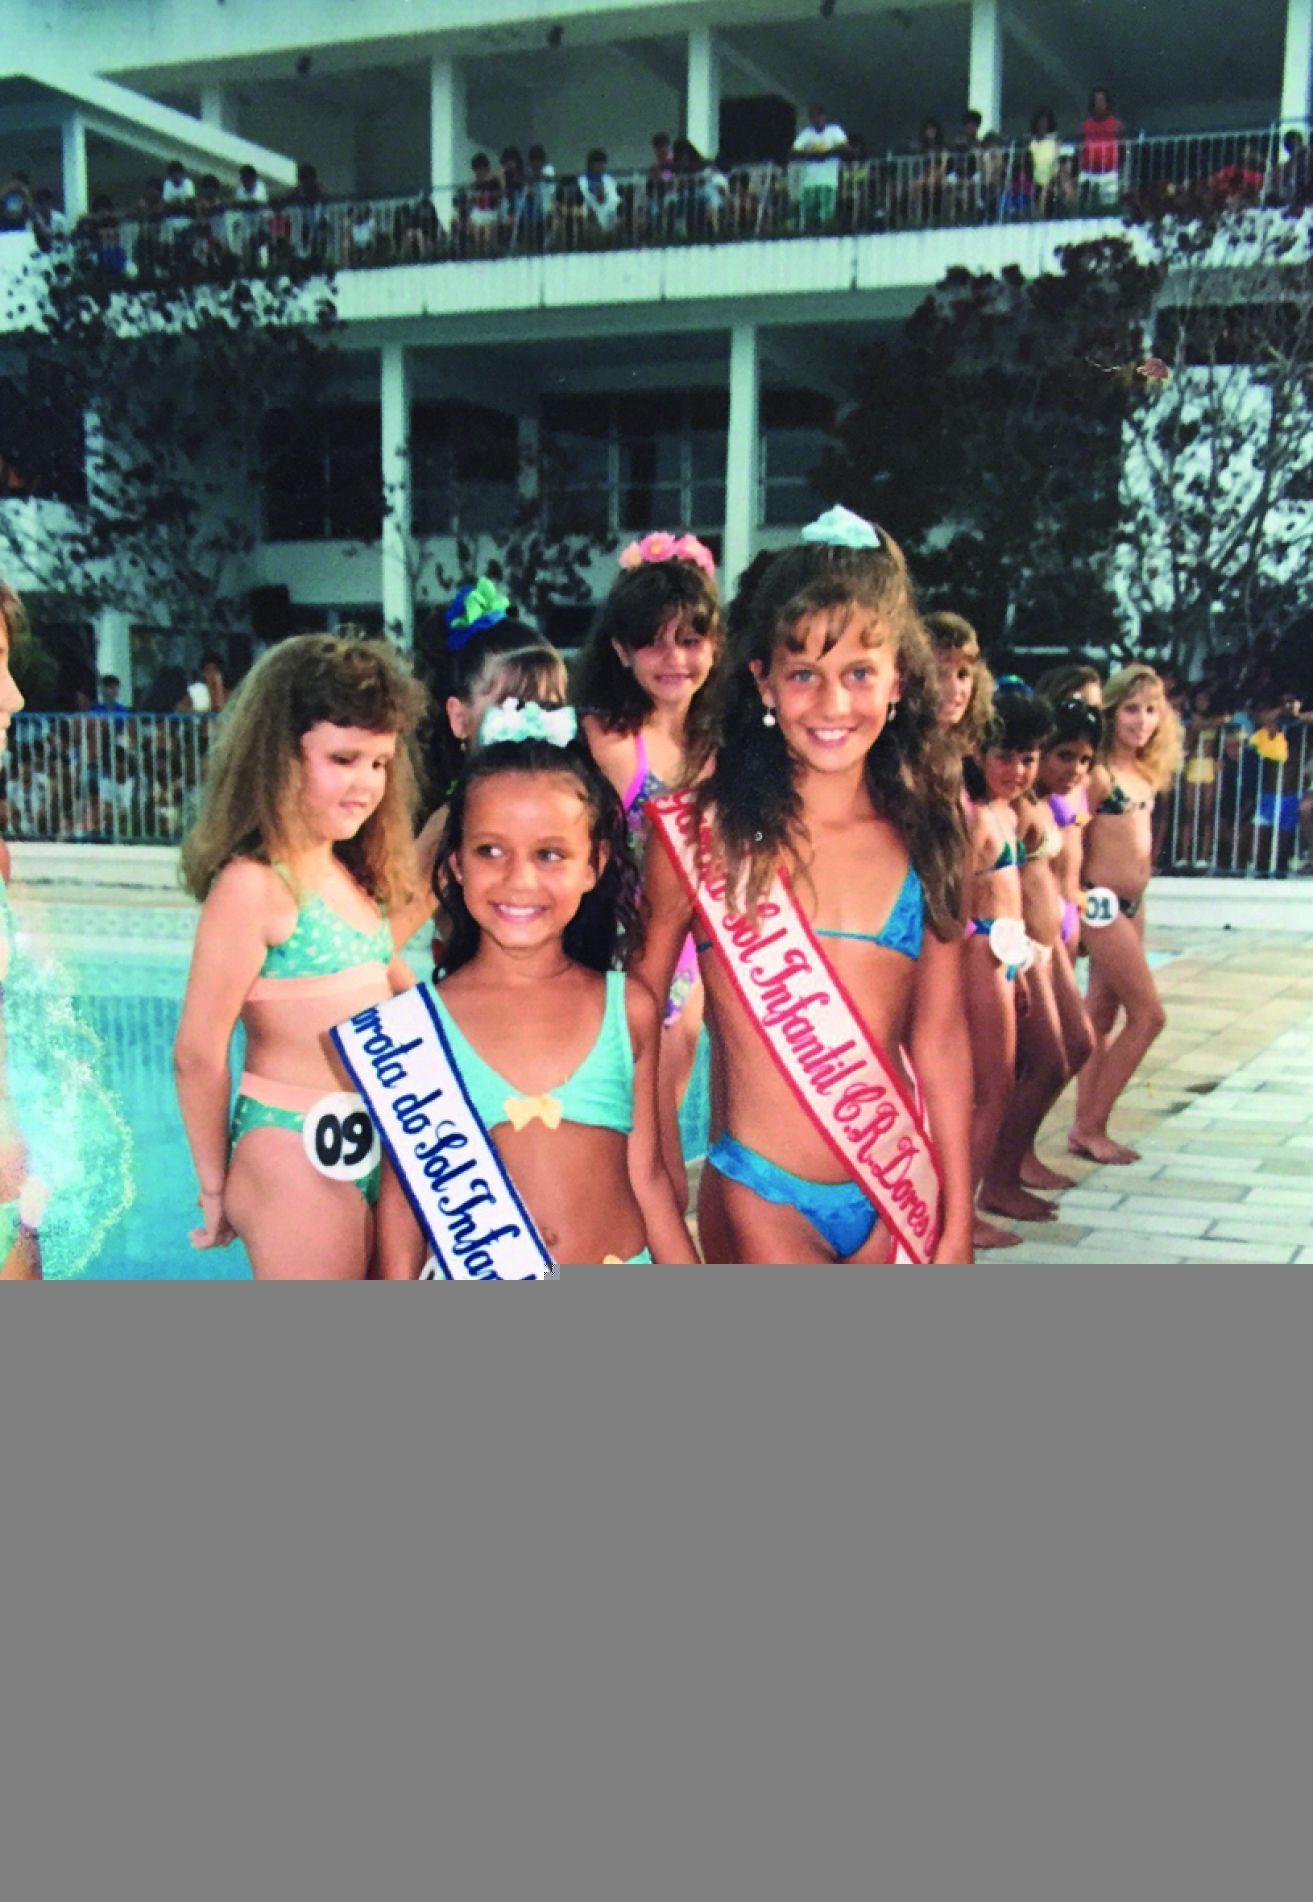 Concurso Garota do Sol 1990, no qual Etiele ficou em segundo lugar.